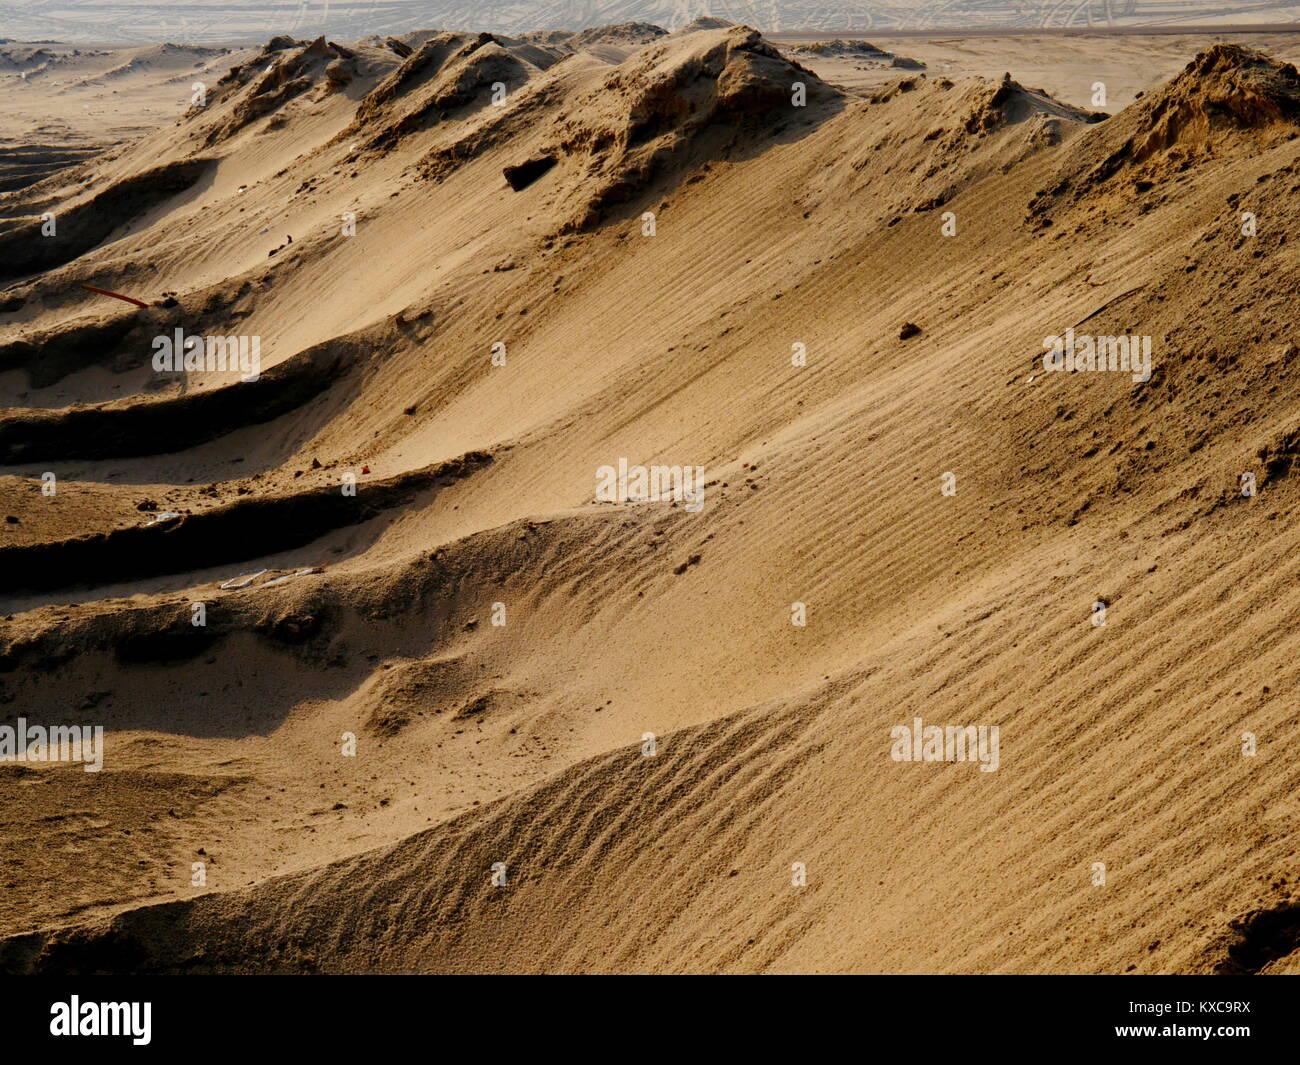 Saudi Arabia Desert full of sand hills and sand dunes and all over Desert beauty - Stock Image